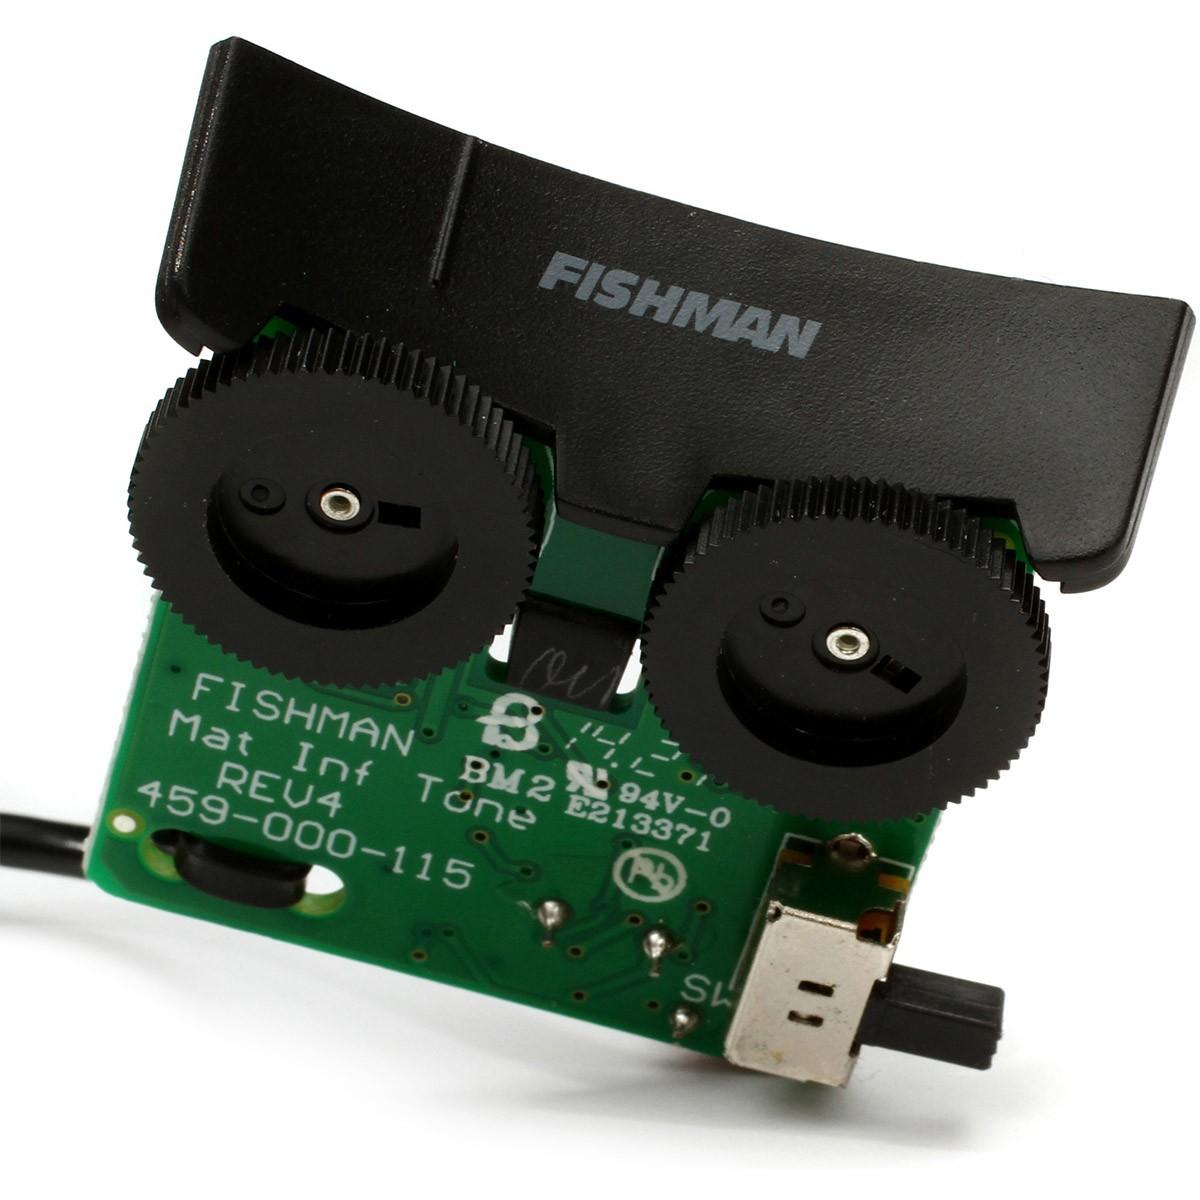 Fishman Pro Matrix Infinity Wide Format Captador